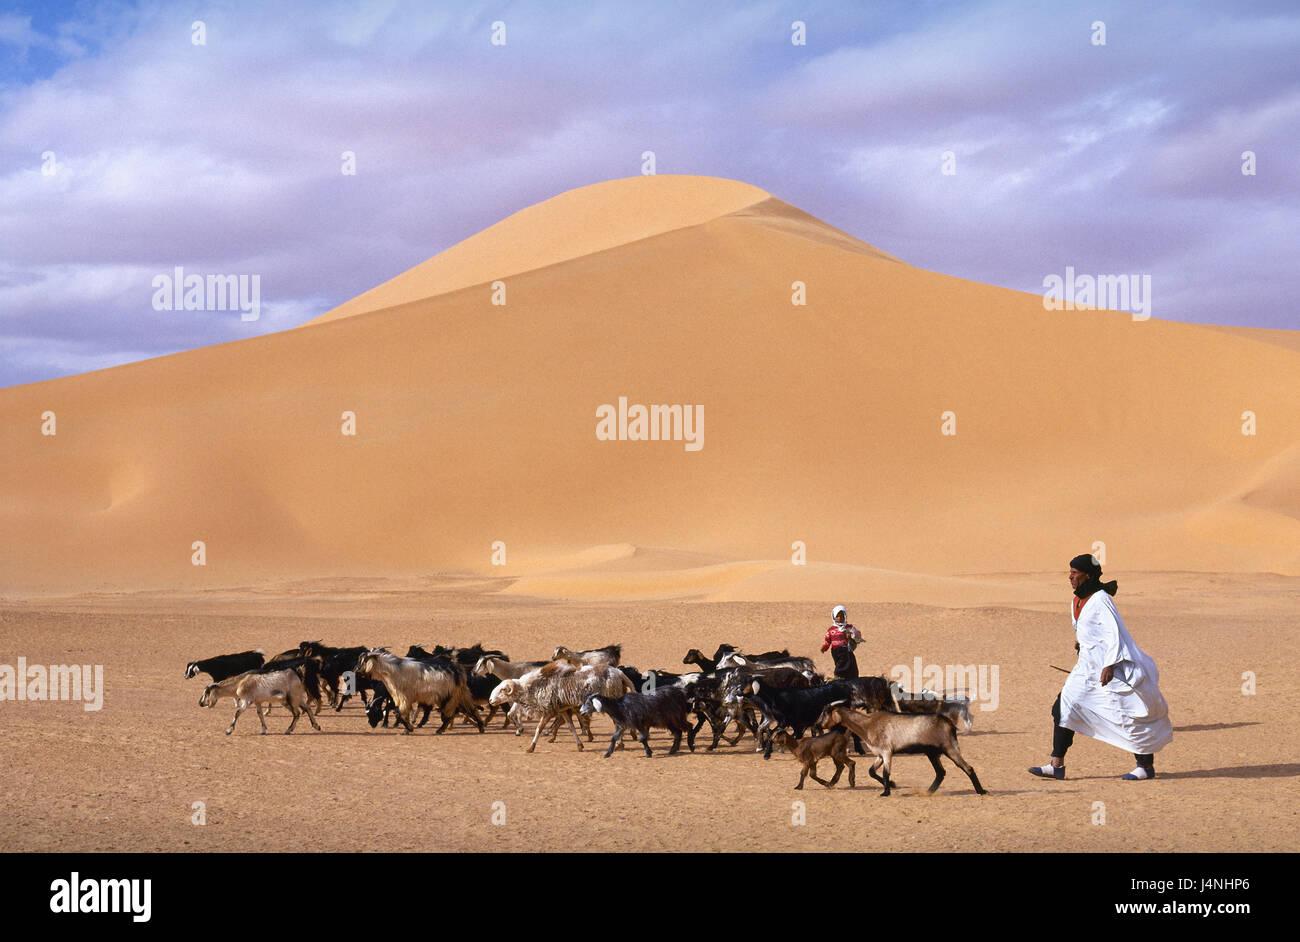 Algeria, Sahara, Sand dunes, goat focuses, shepherds, Africa, North Africa, desert, Sand desert, wild scenery, dunes, - Stock Image